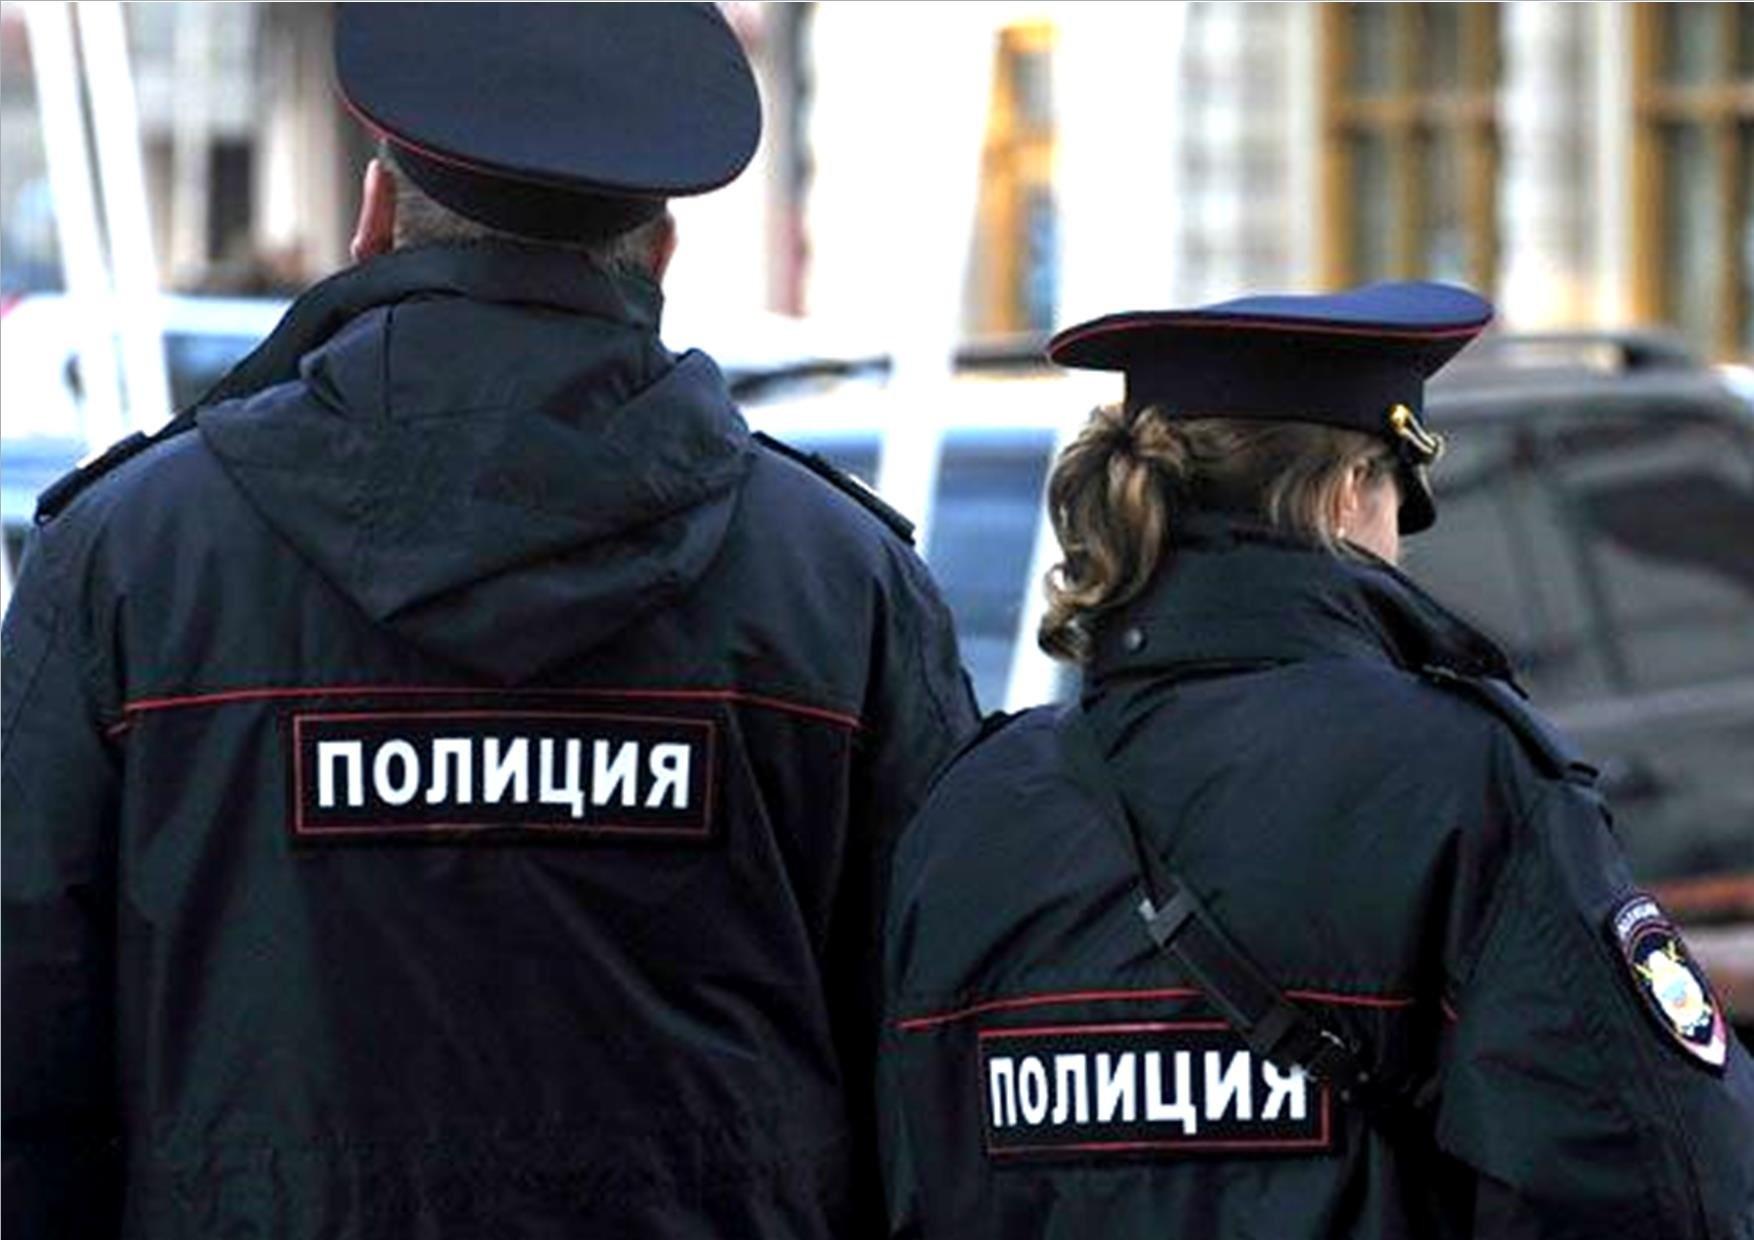 ВСмоленской области отыскали тело сотрудницы районной администрации